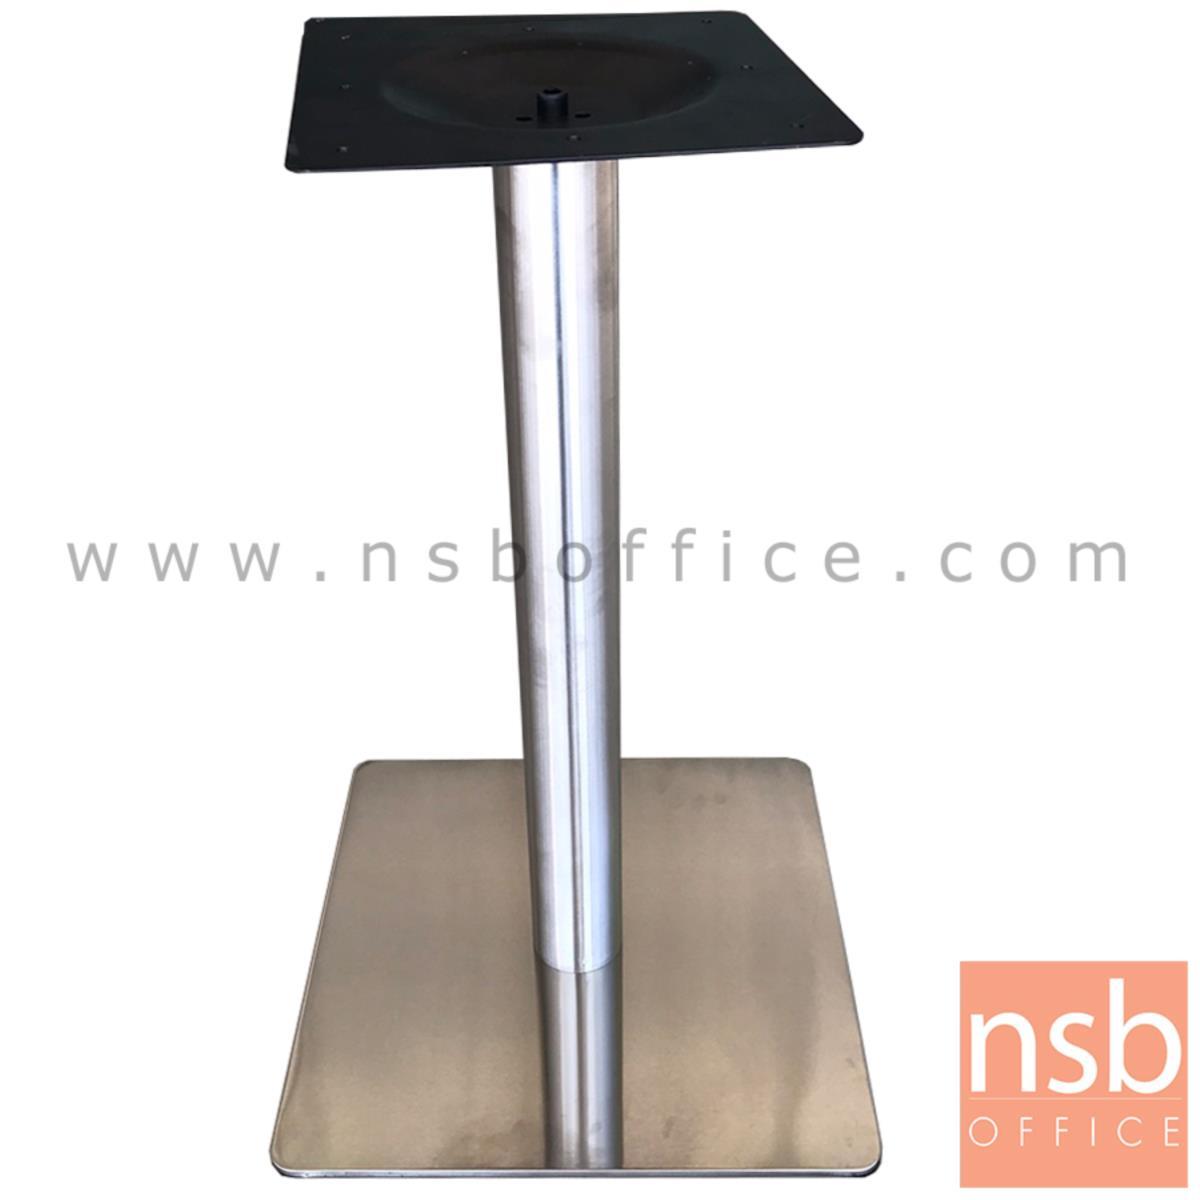 A14A209:ขาโต๊ะบาร์จานสี่เหลี่ยมแผ่นเรียบ สเตนเลส hairliine